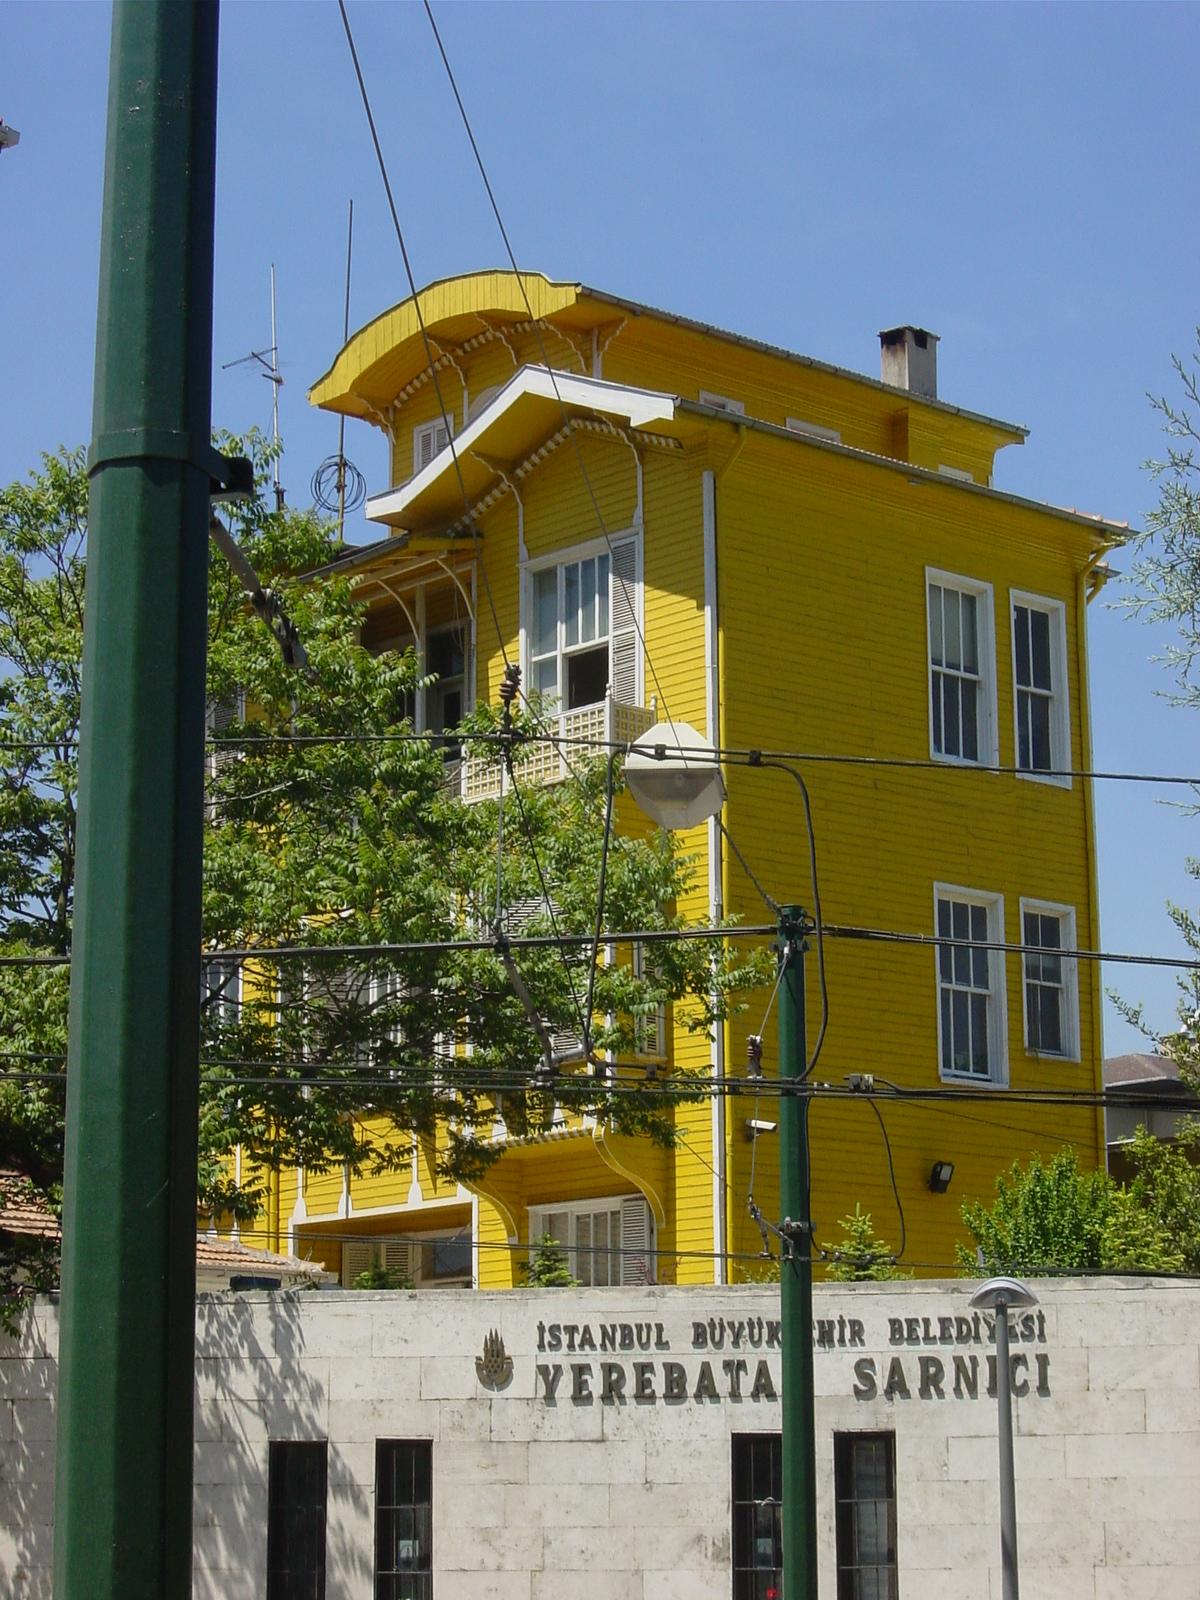 Casa Di Legno Costi file:dsc04018 istanbul - casa in legno - foto g. dall'orto